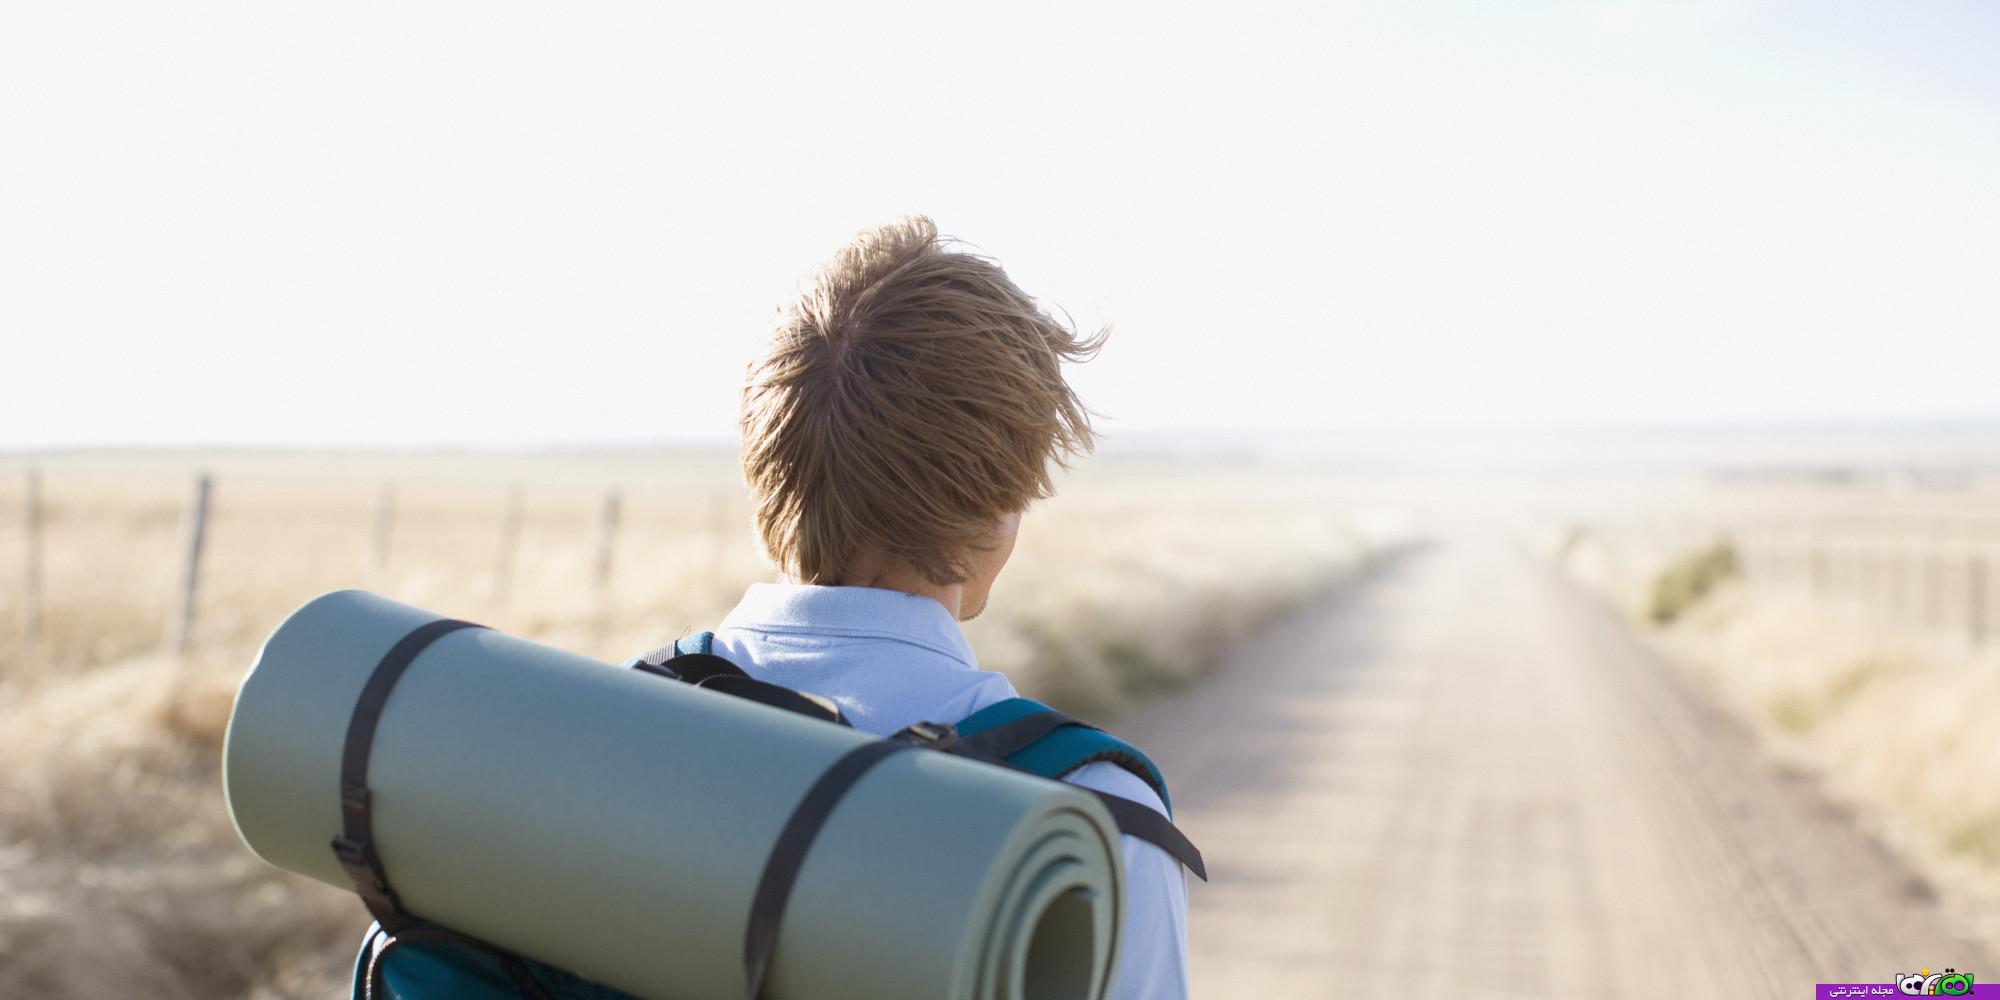 دعاهای دفع بلا هنگام کار و مسافرت را بخوانید